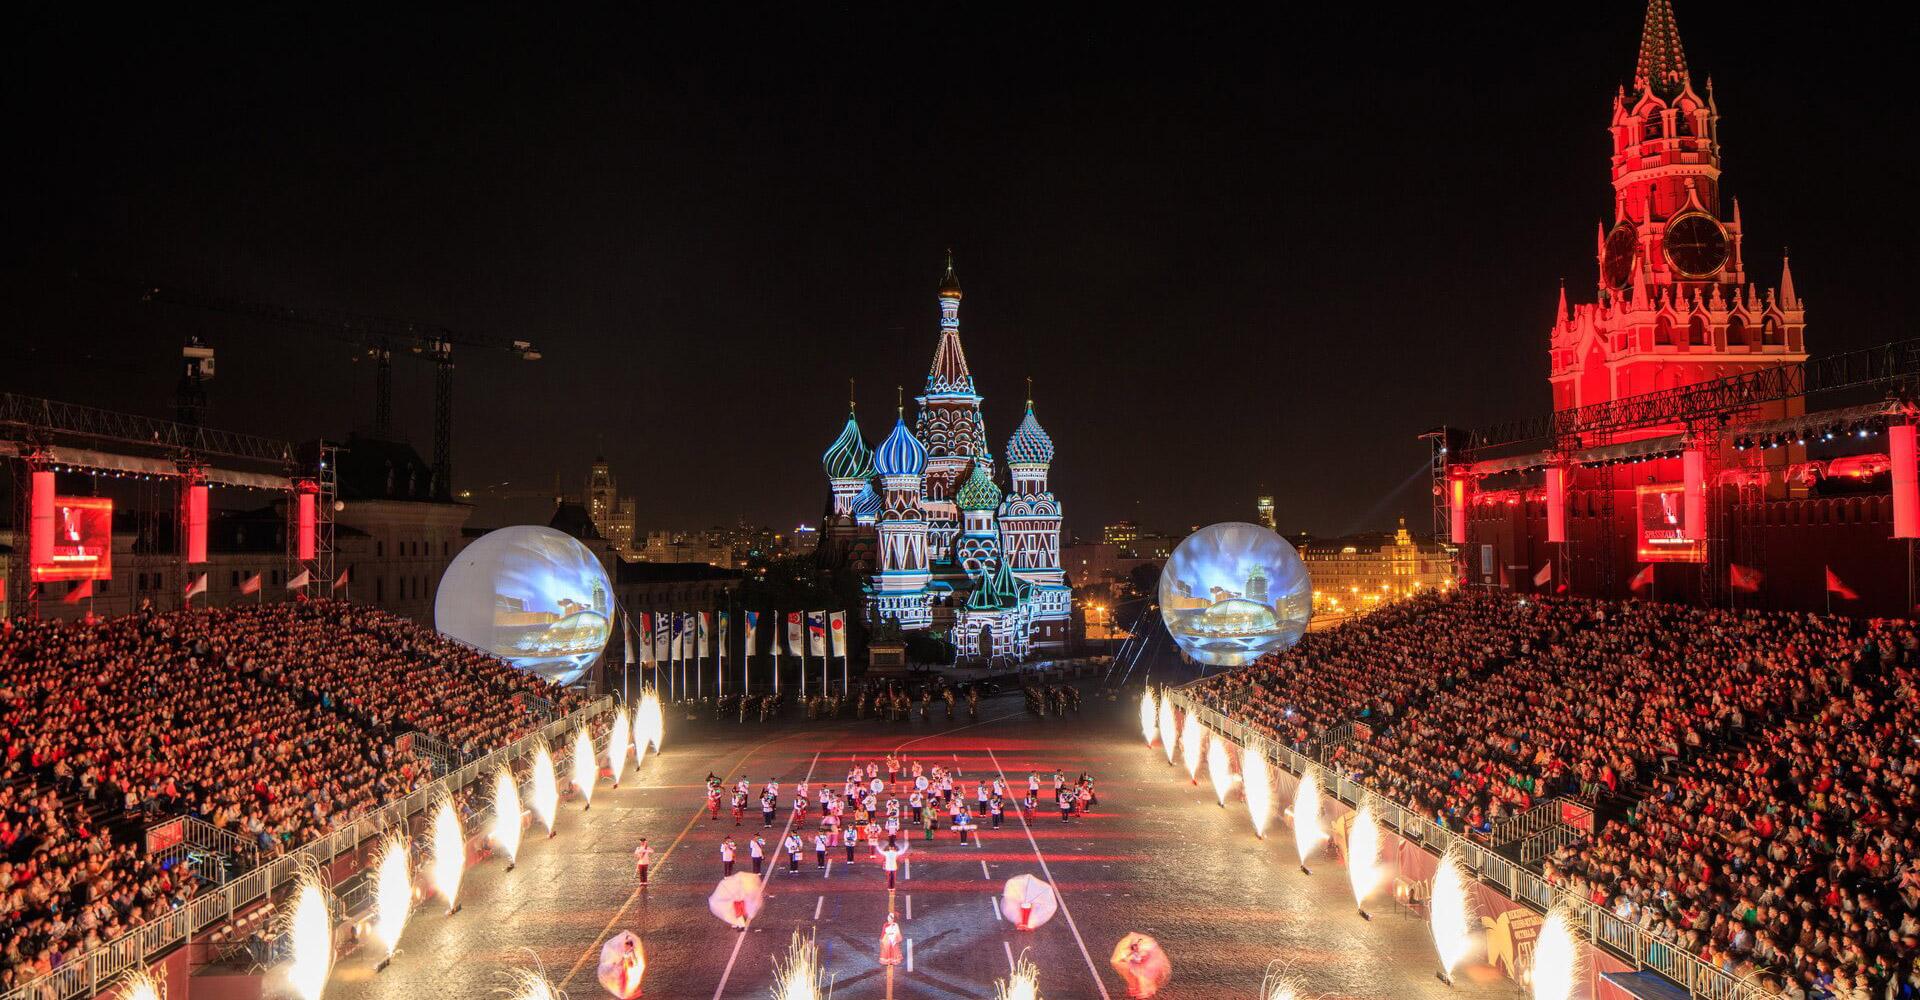 Купить билеты на Фестиваль «Спасская башня» 2020 на Красной площади 0+